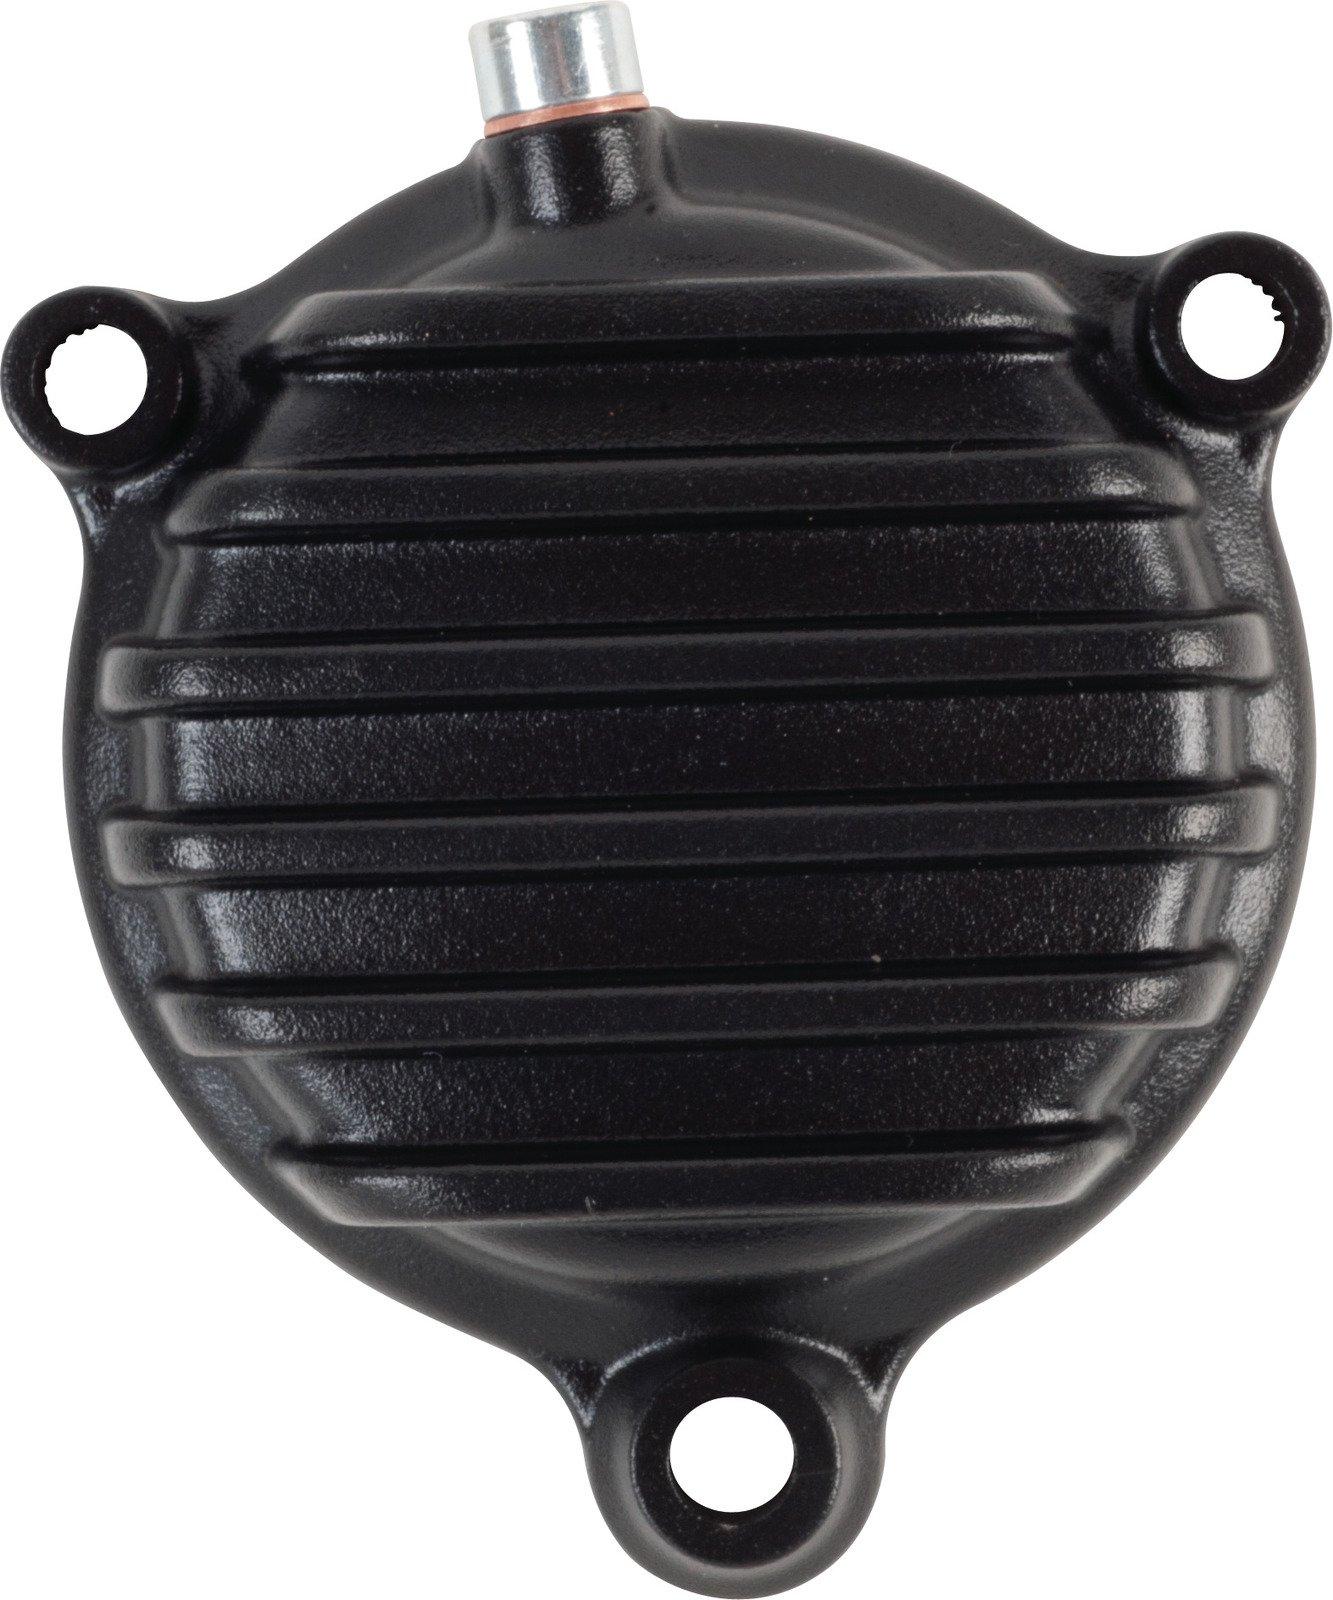 Yamaha SR400 SR500 TT500 XT500 Black Vi-Race Oil Filter Cover Kit w/ O-Rings 50273S